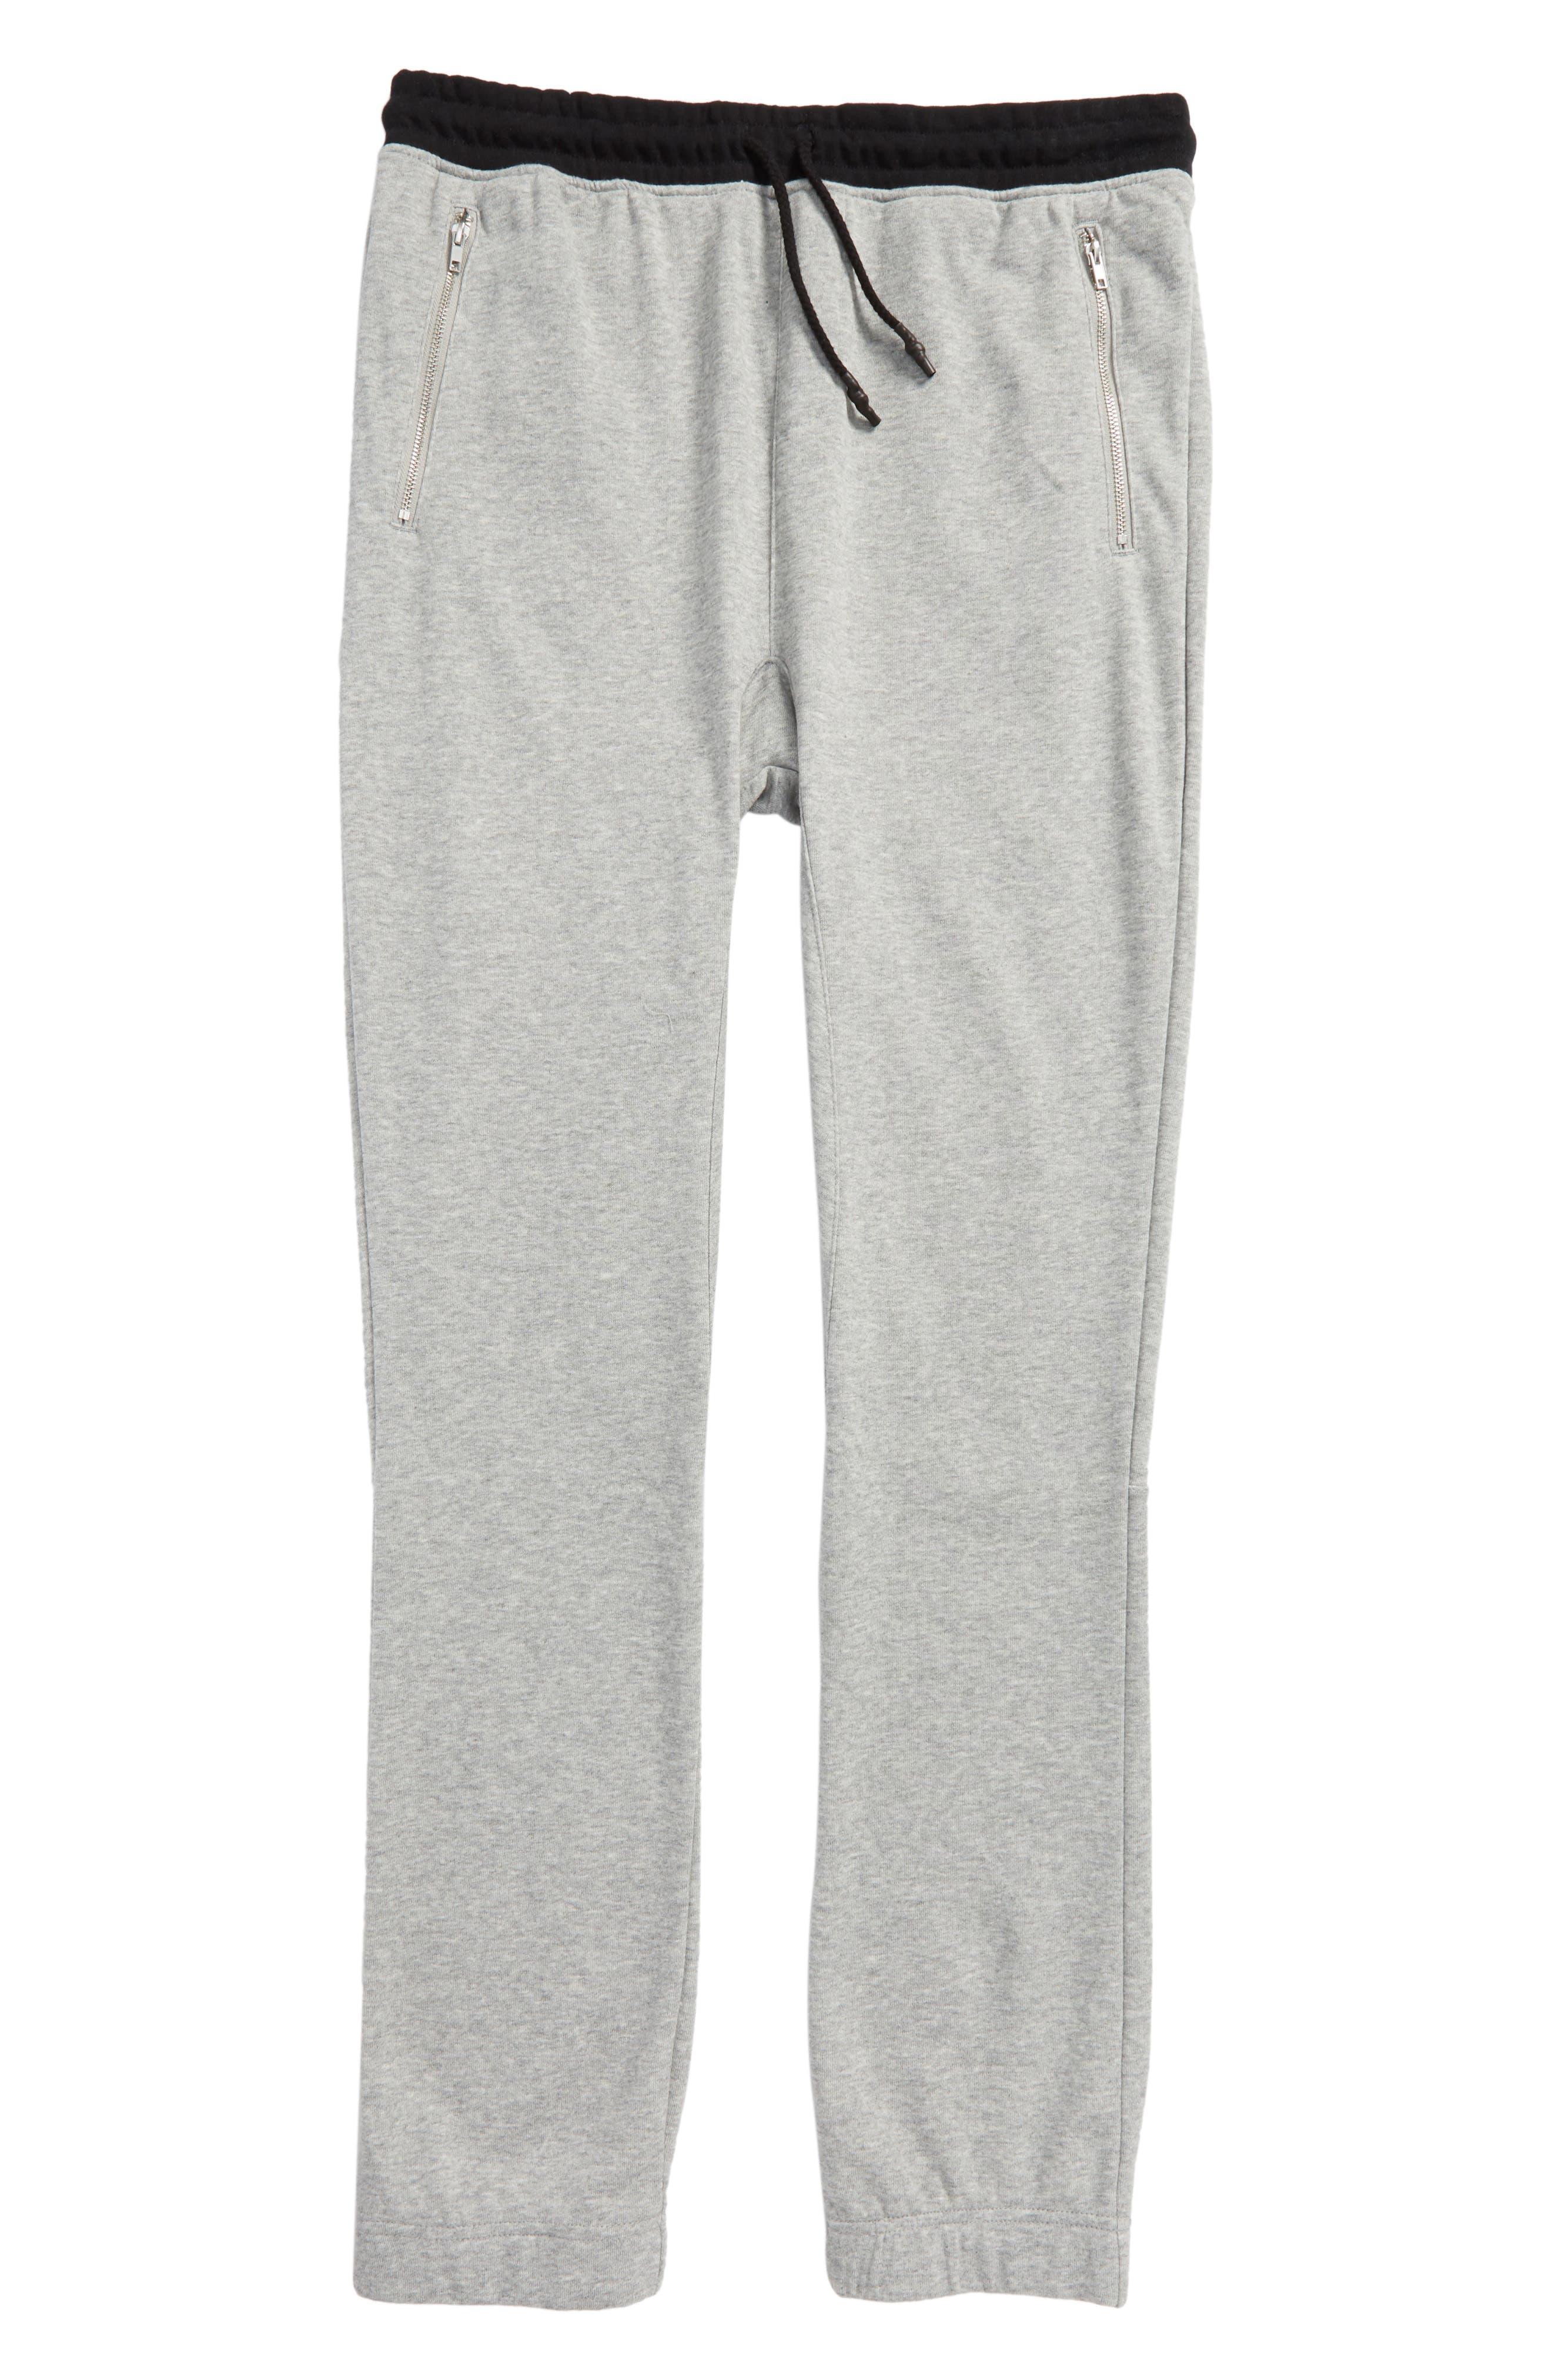 Elwood Jogger Pants (Big Boys)